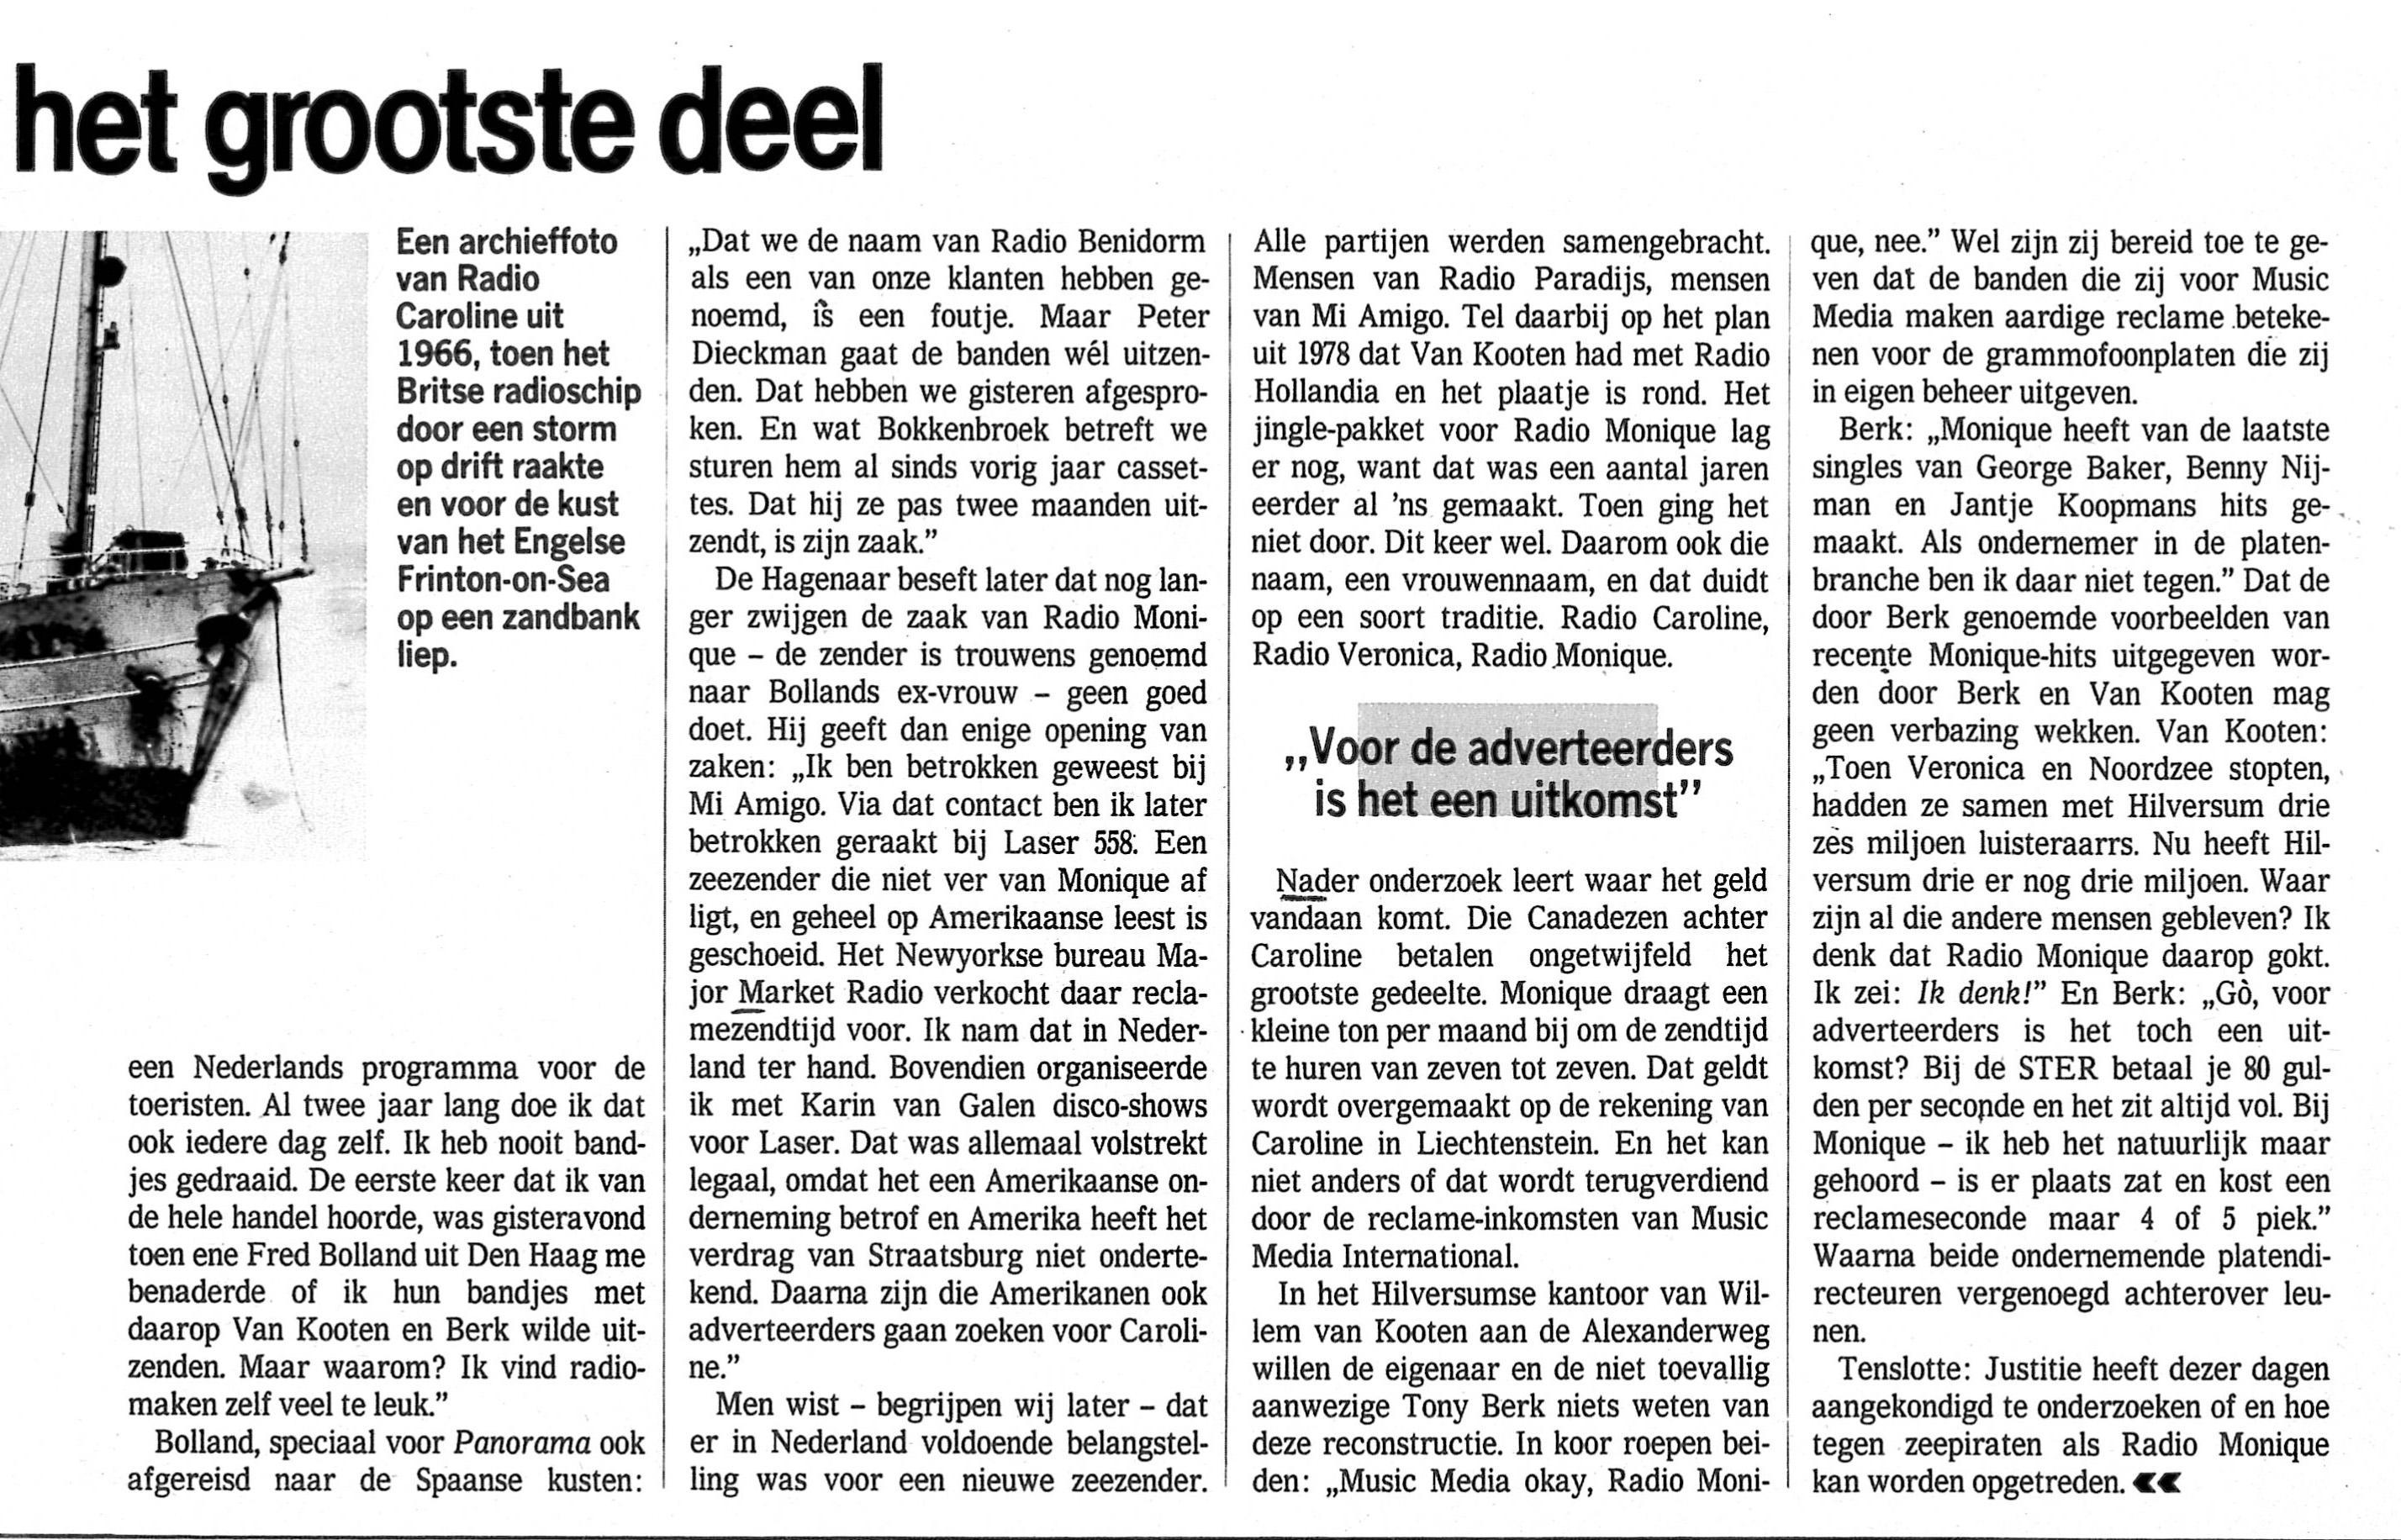 19850906 weekblad Het brein Hoe de stem van Joost via Radio Monique in de ether komt 04.jpg